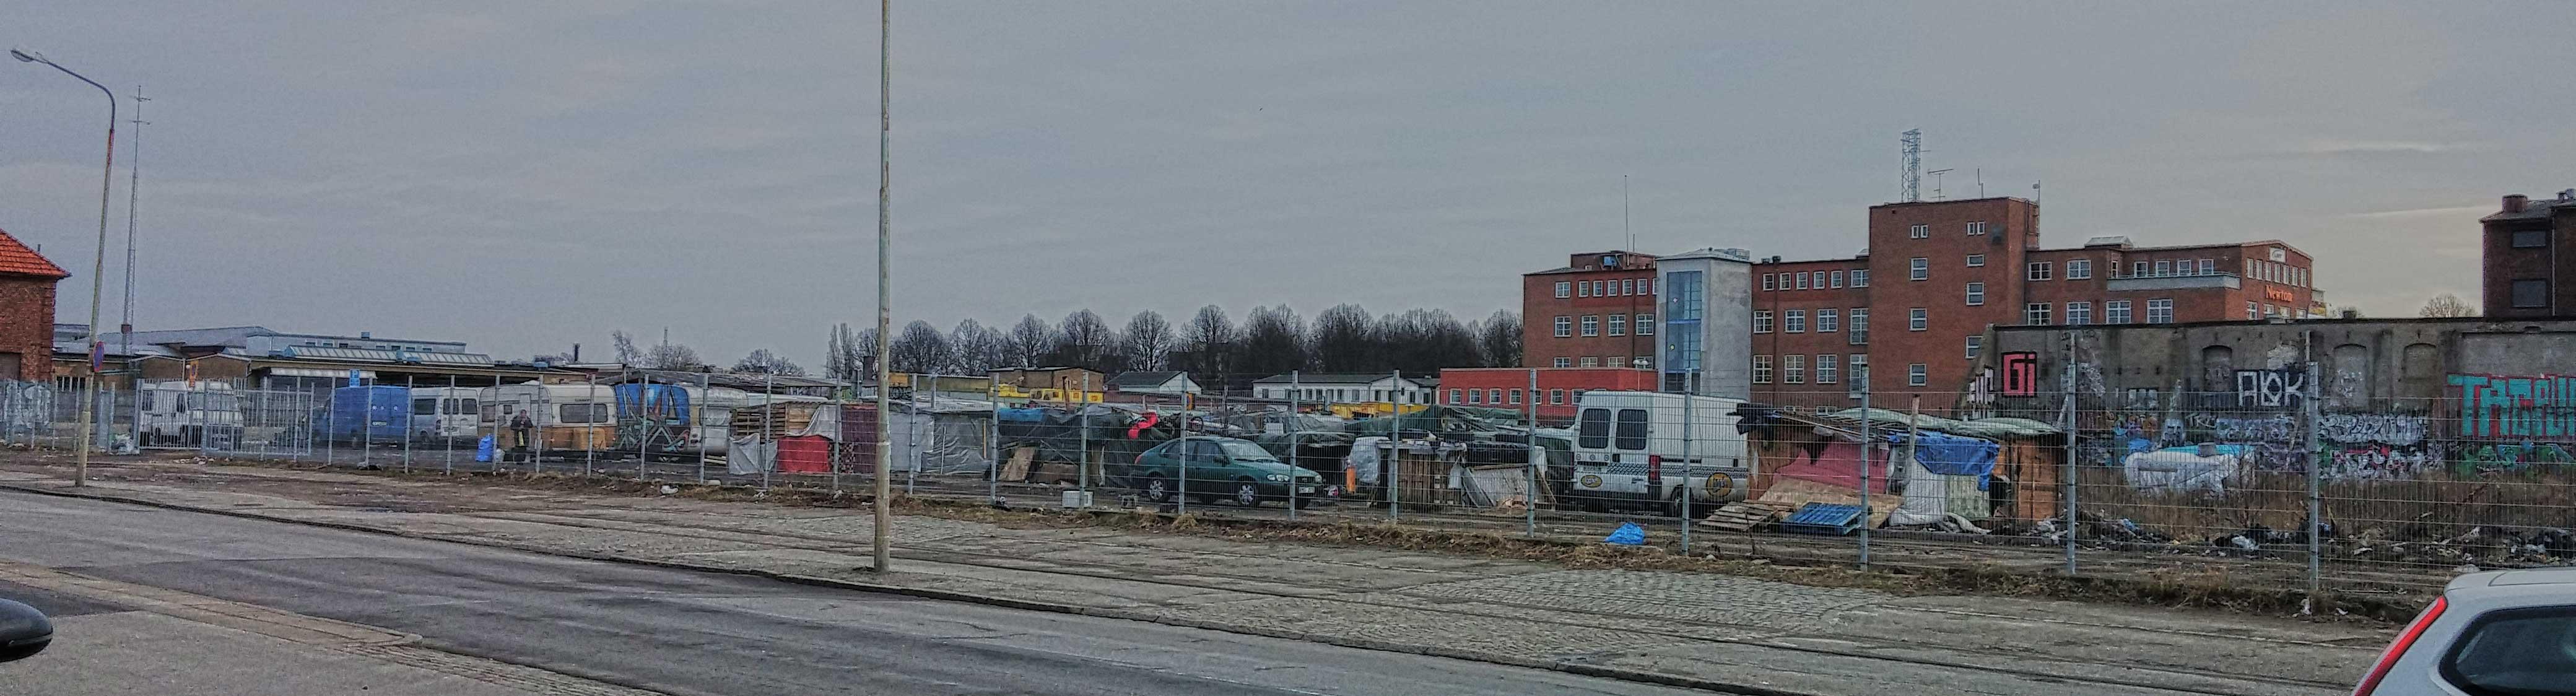 EU-migranternas läger vid Industrigatan-Nobelvägen i Malmö